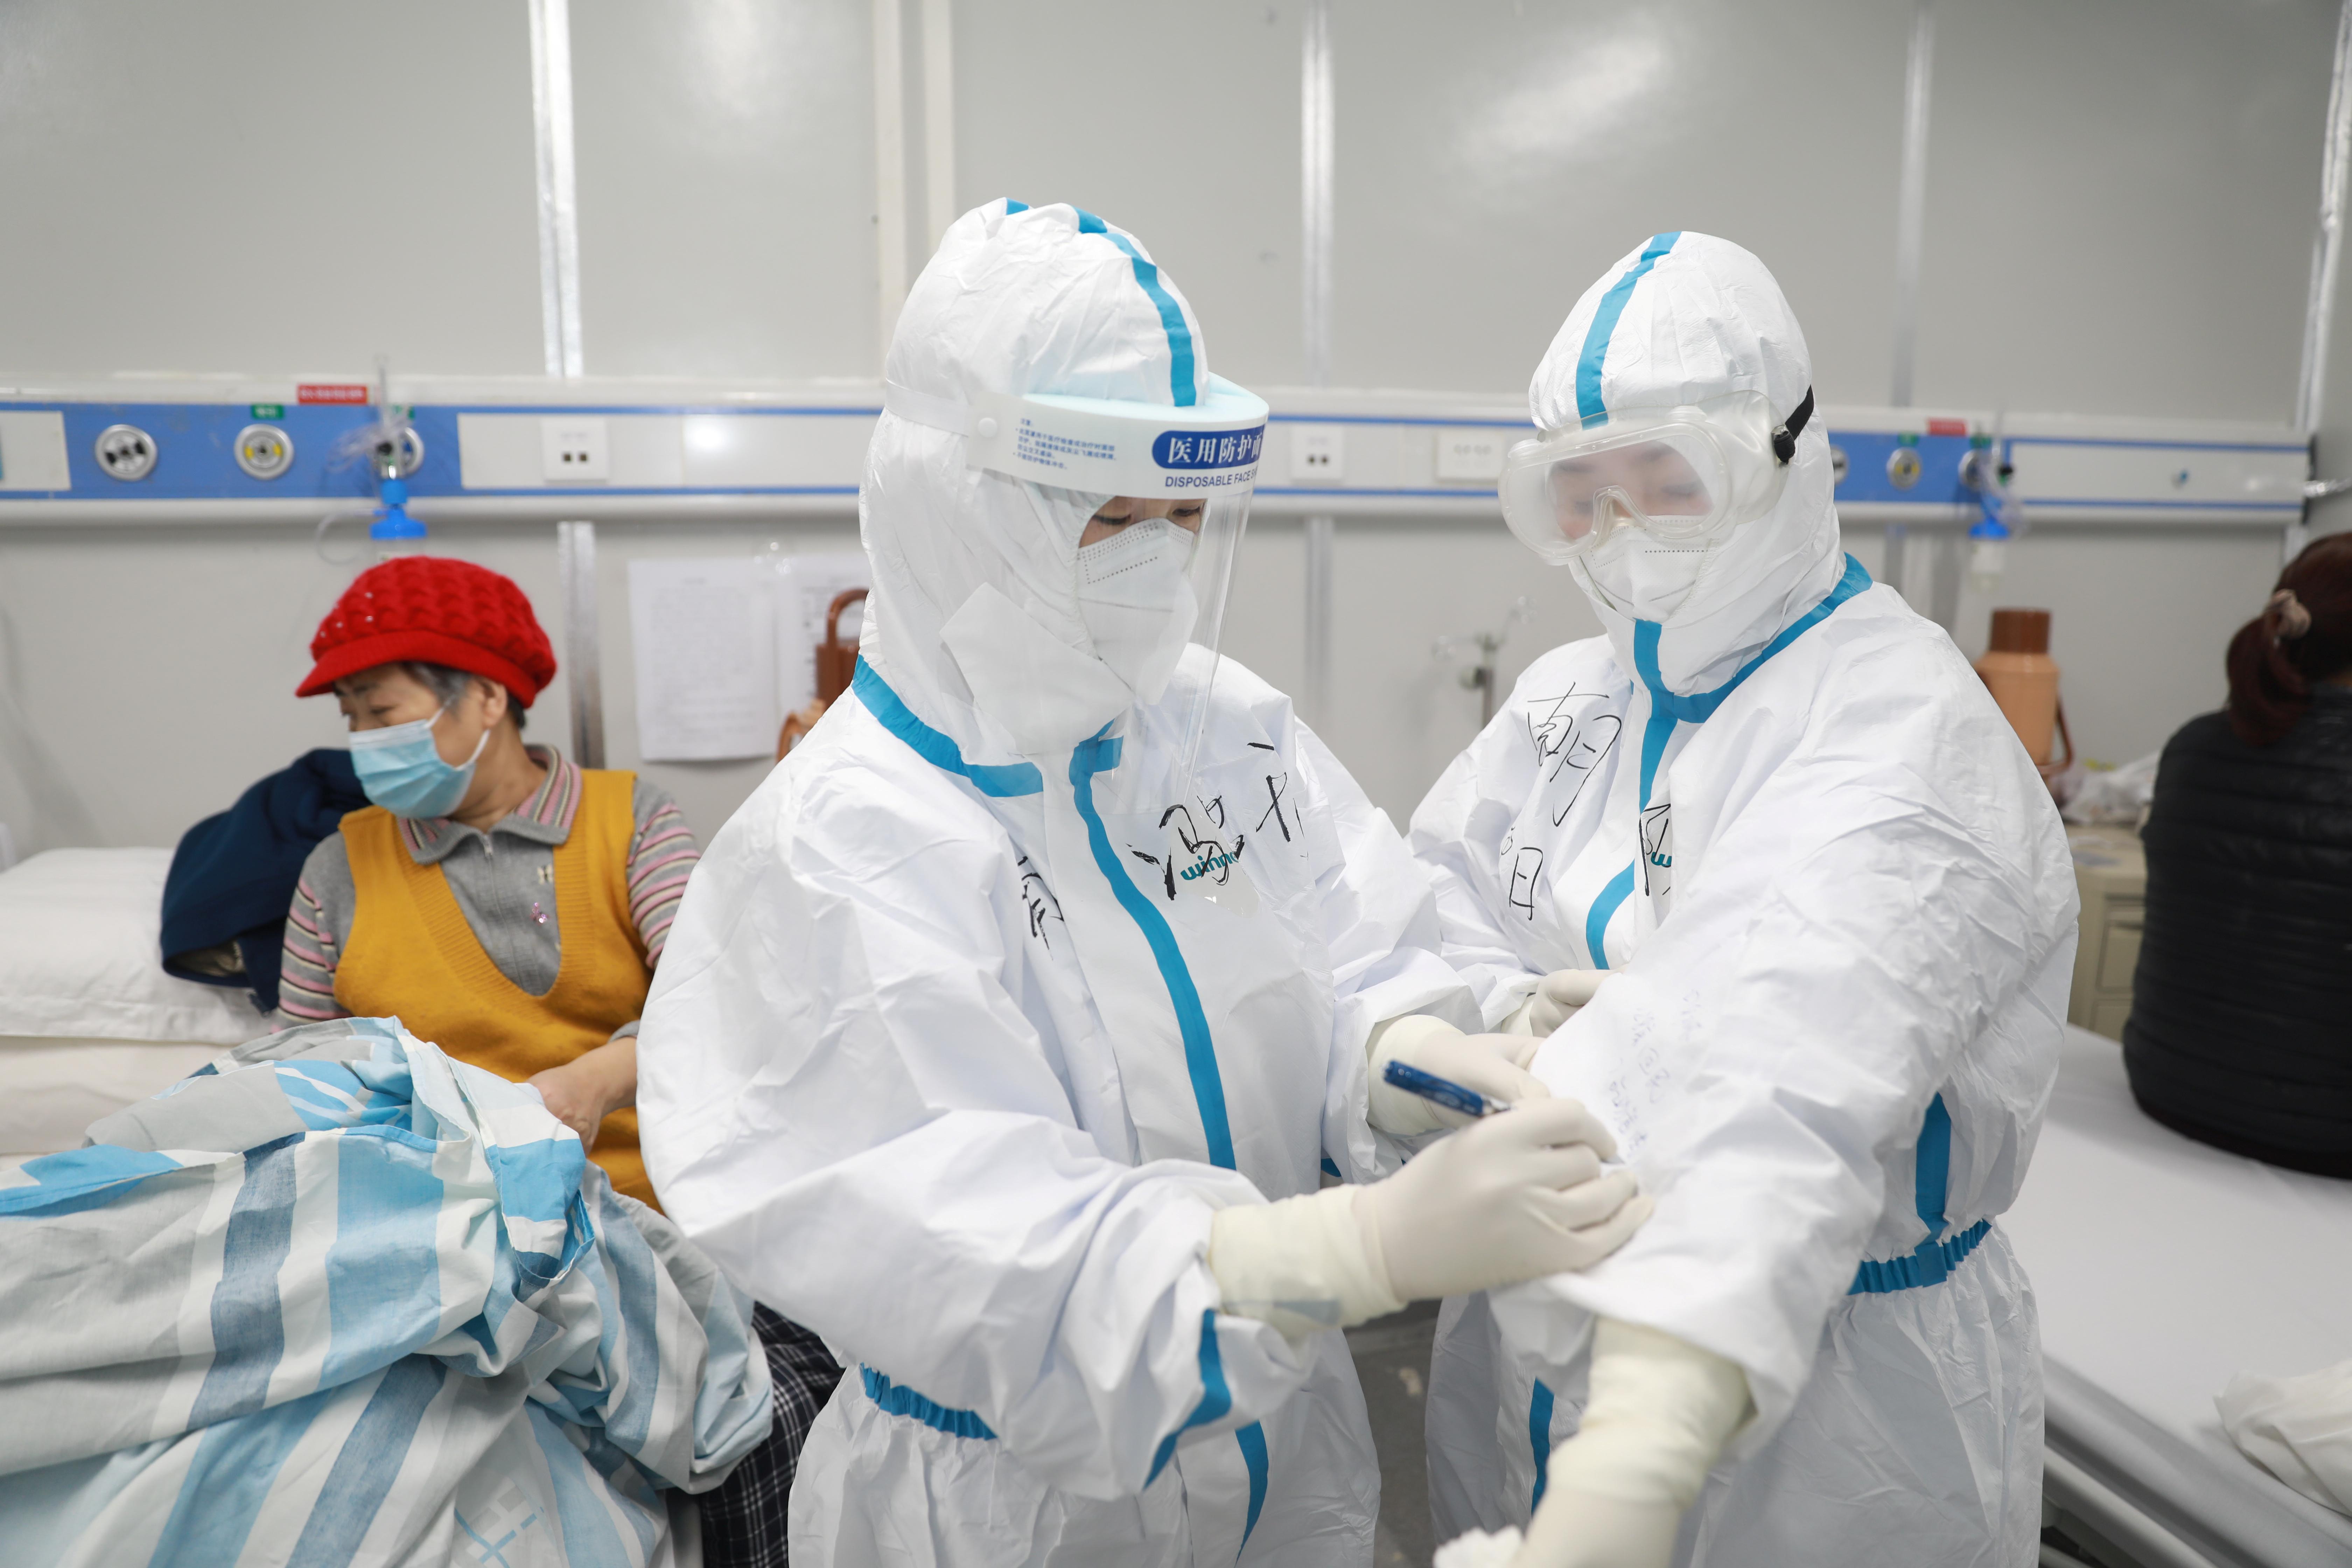 Virus, quarantaine et paranoïa pour le COVID-19 : quand la réalité rejoint la fiction